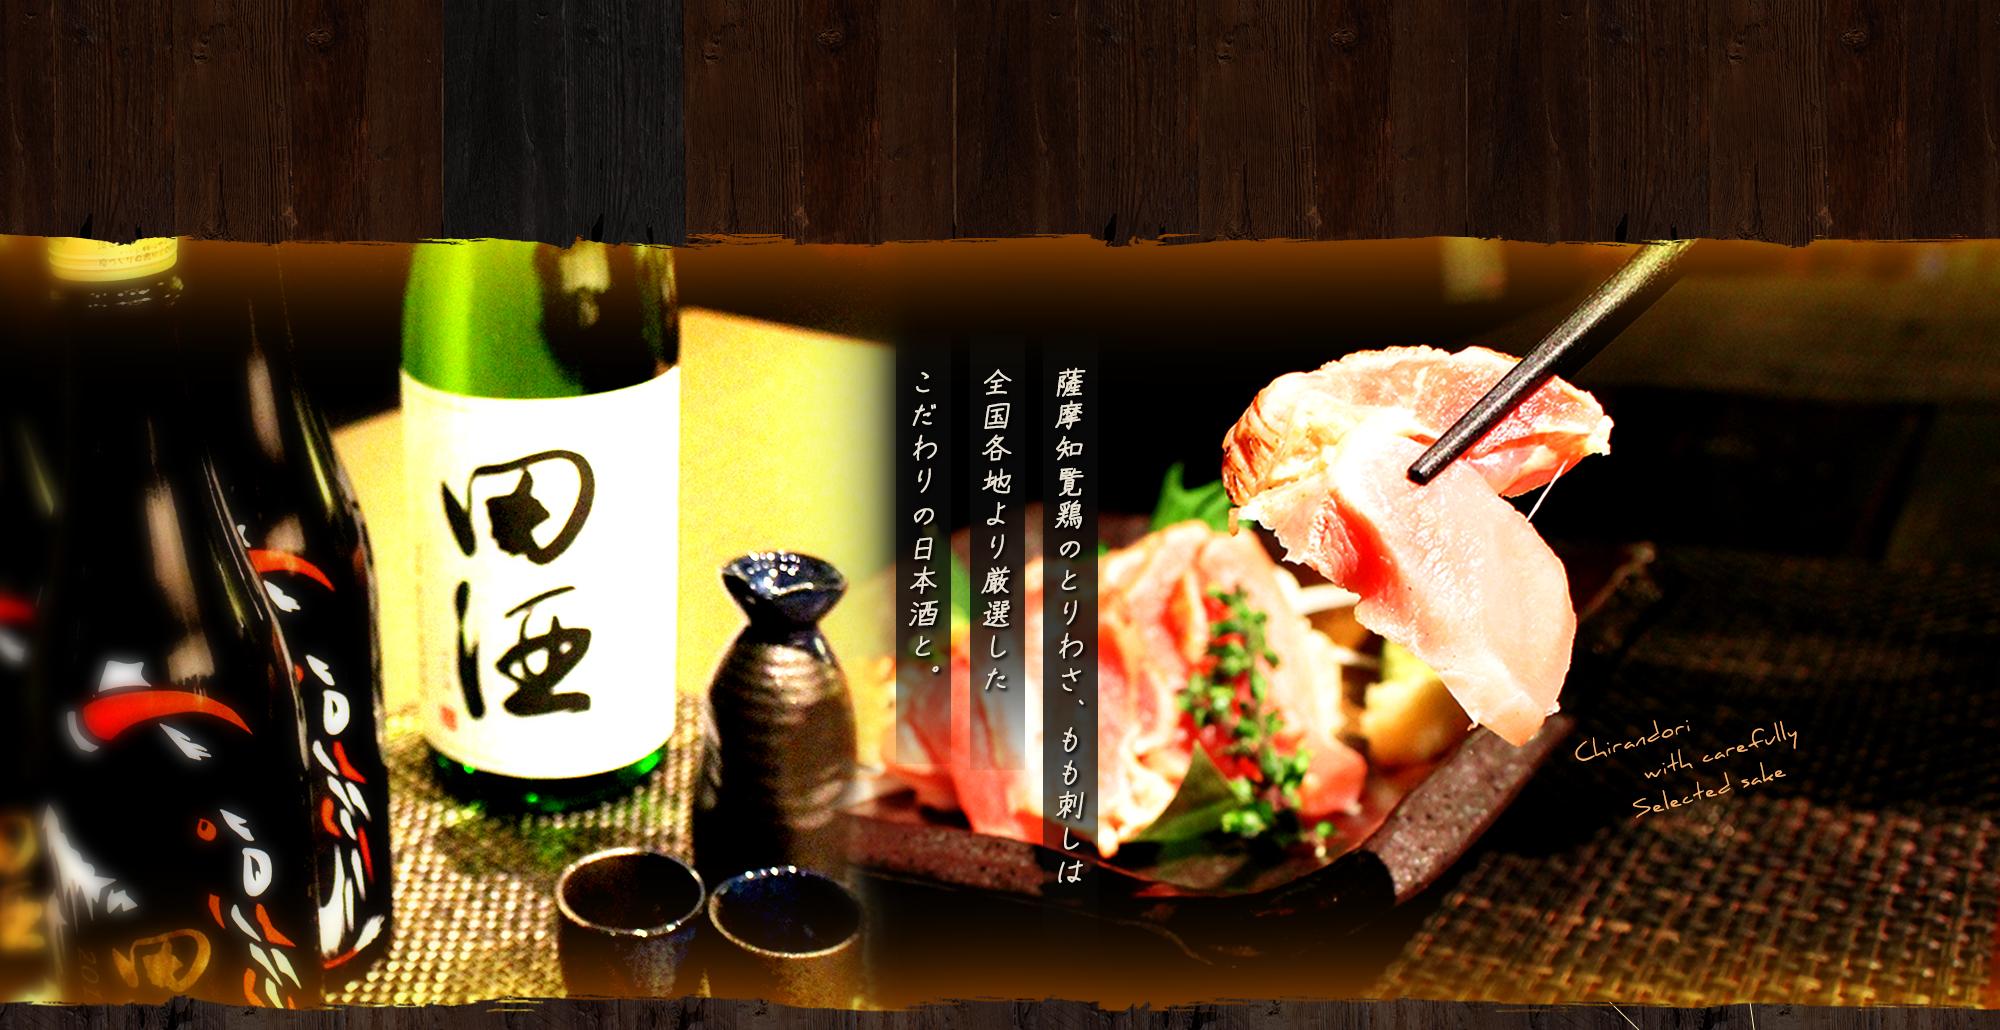 薩摩知覧鶏のとりわさ、もも刺しは 全国各地より厳選したこだわりの日本酒と